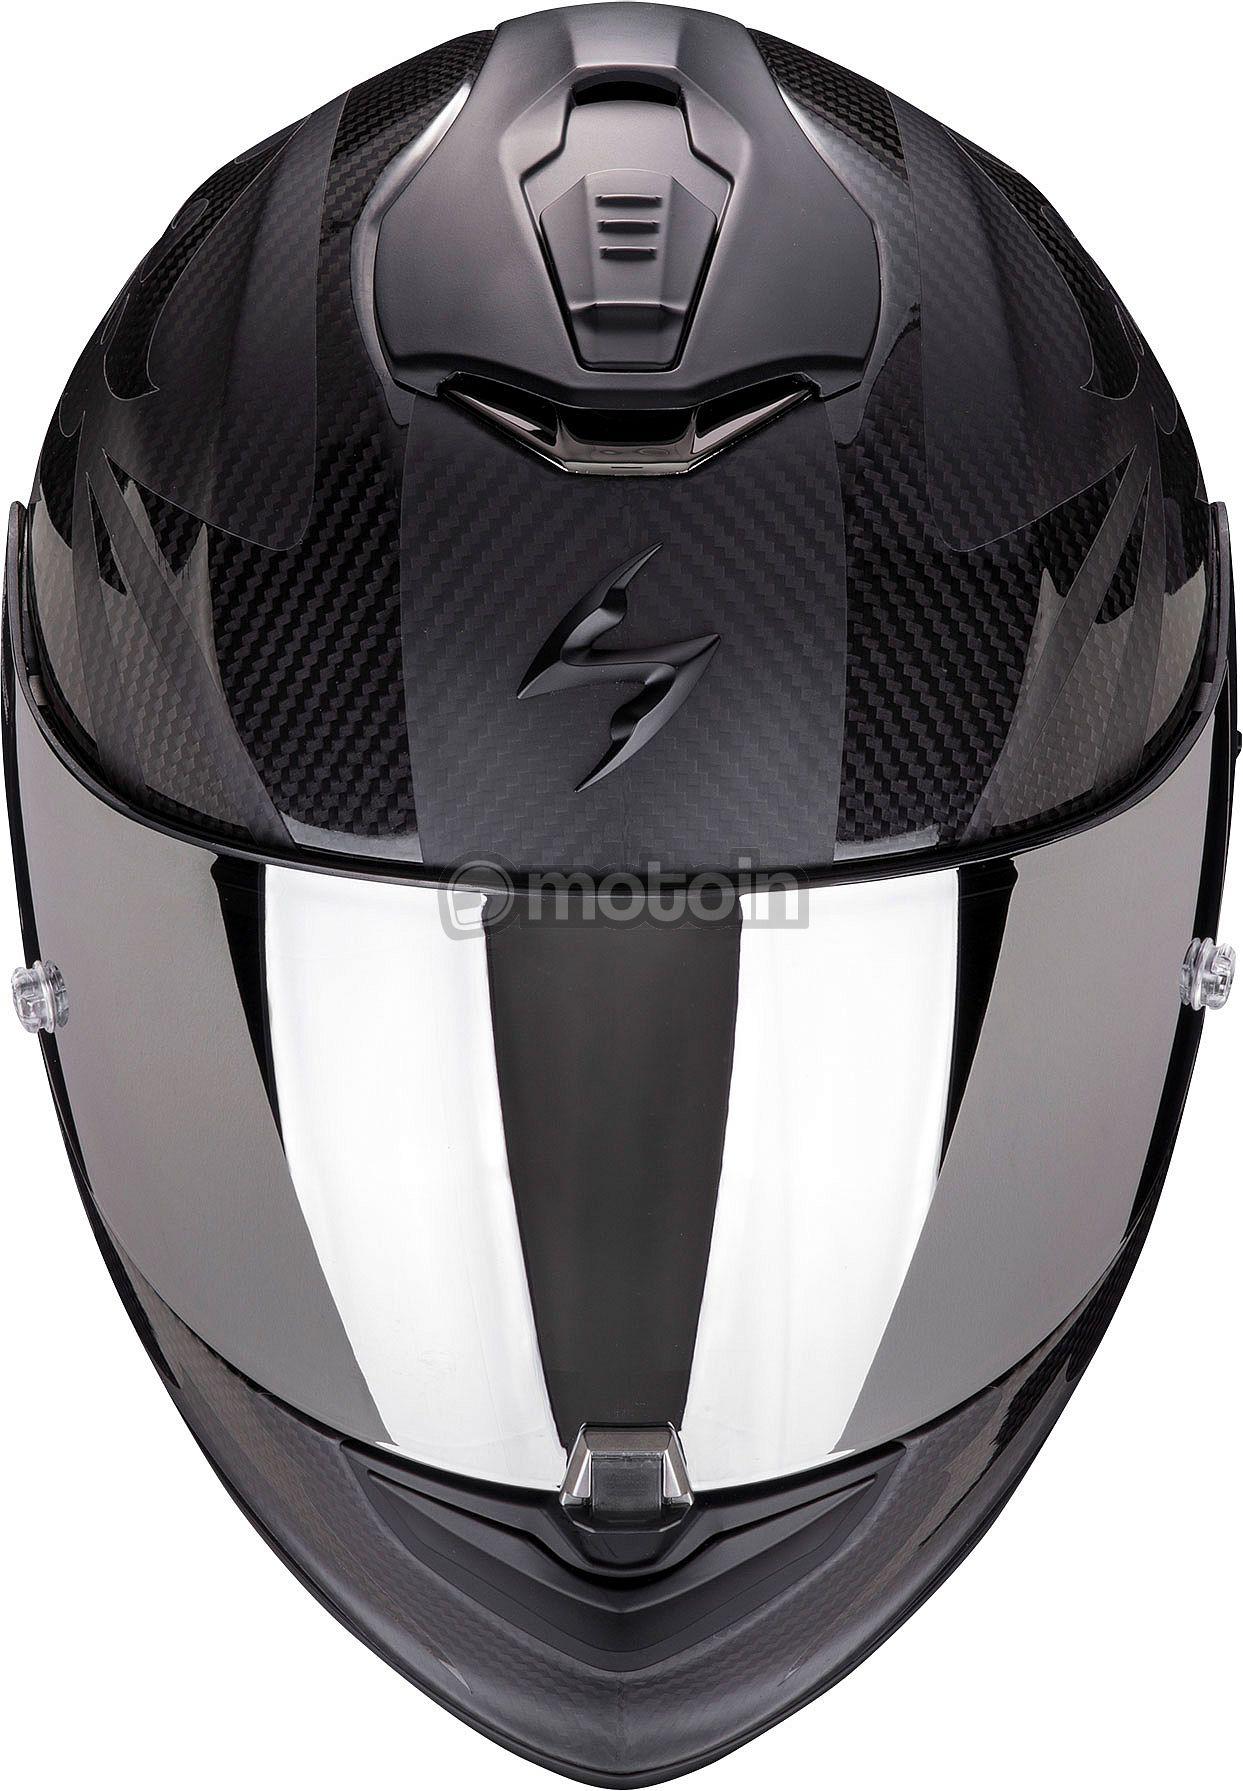 Road Legal Scorpion Exo 1400 KDF-16 Motorcycle Motorbike Helmet Visor